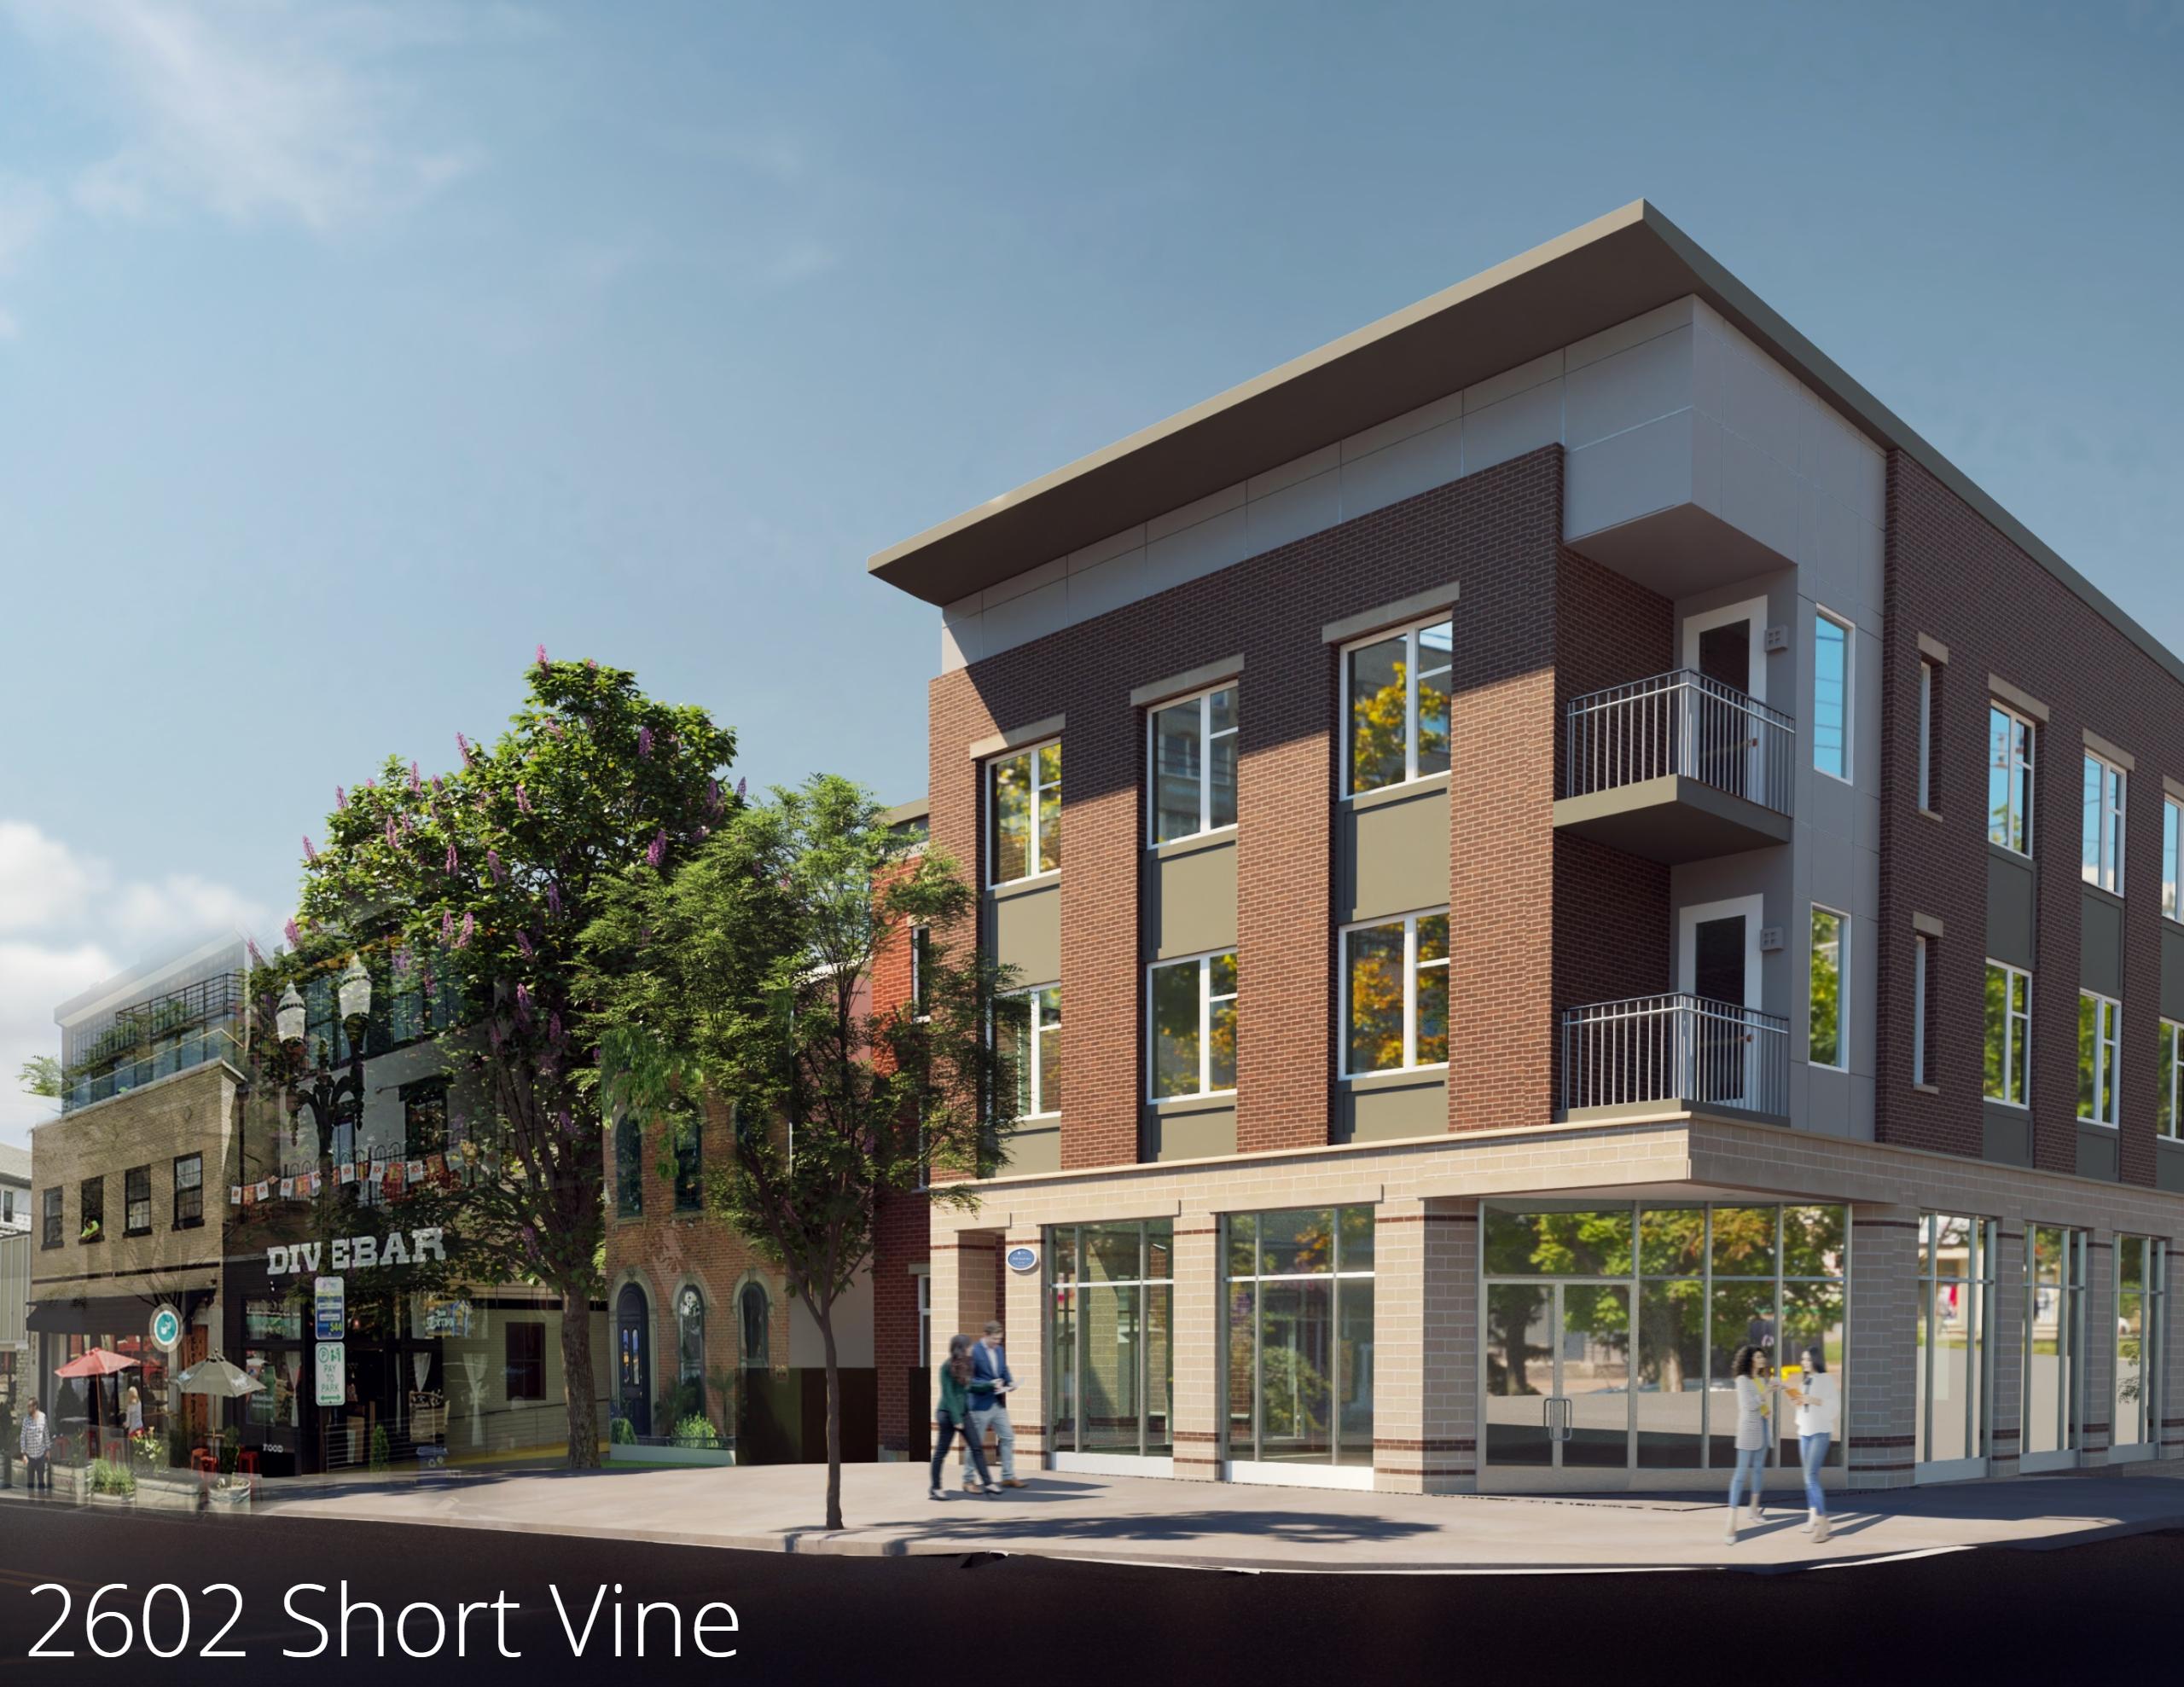 2602 Short Vine apartments